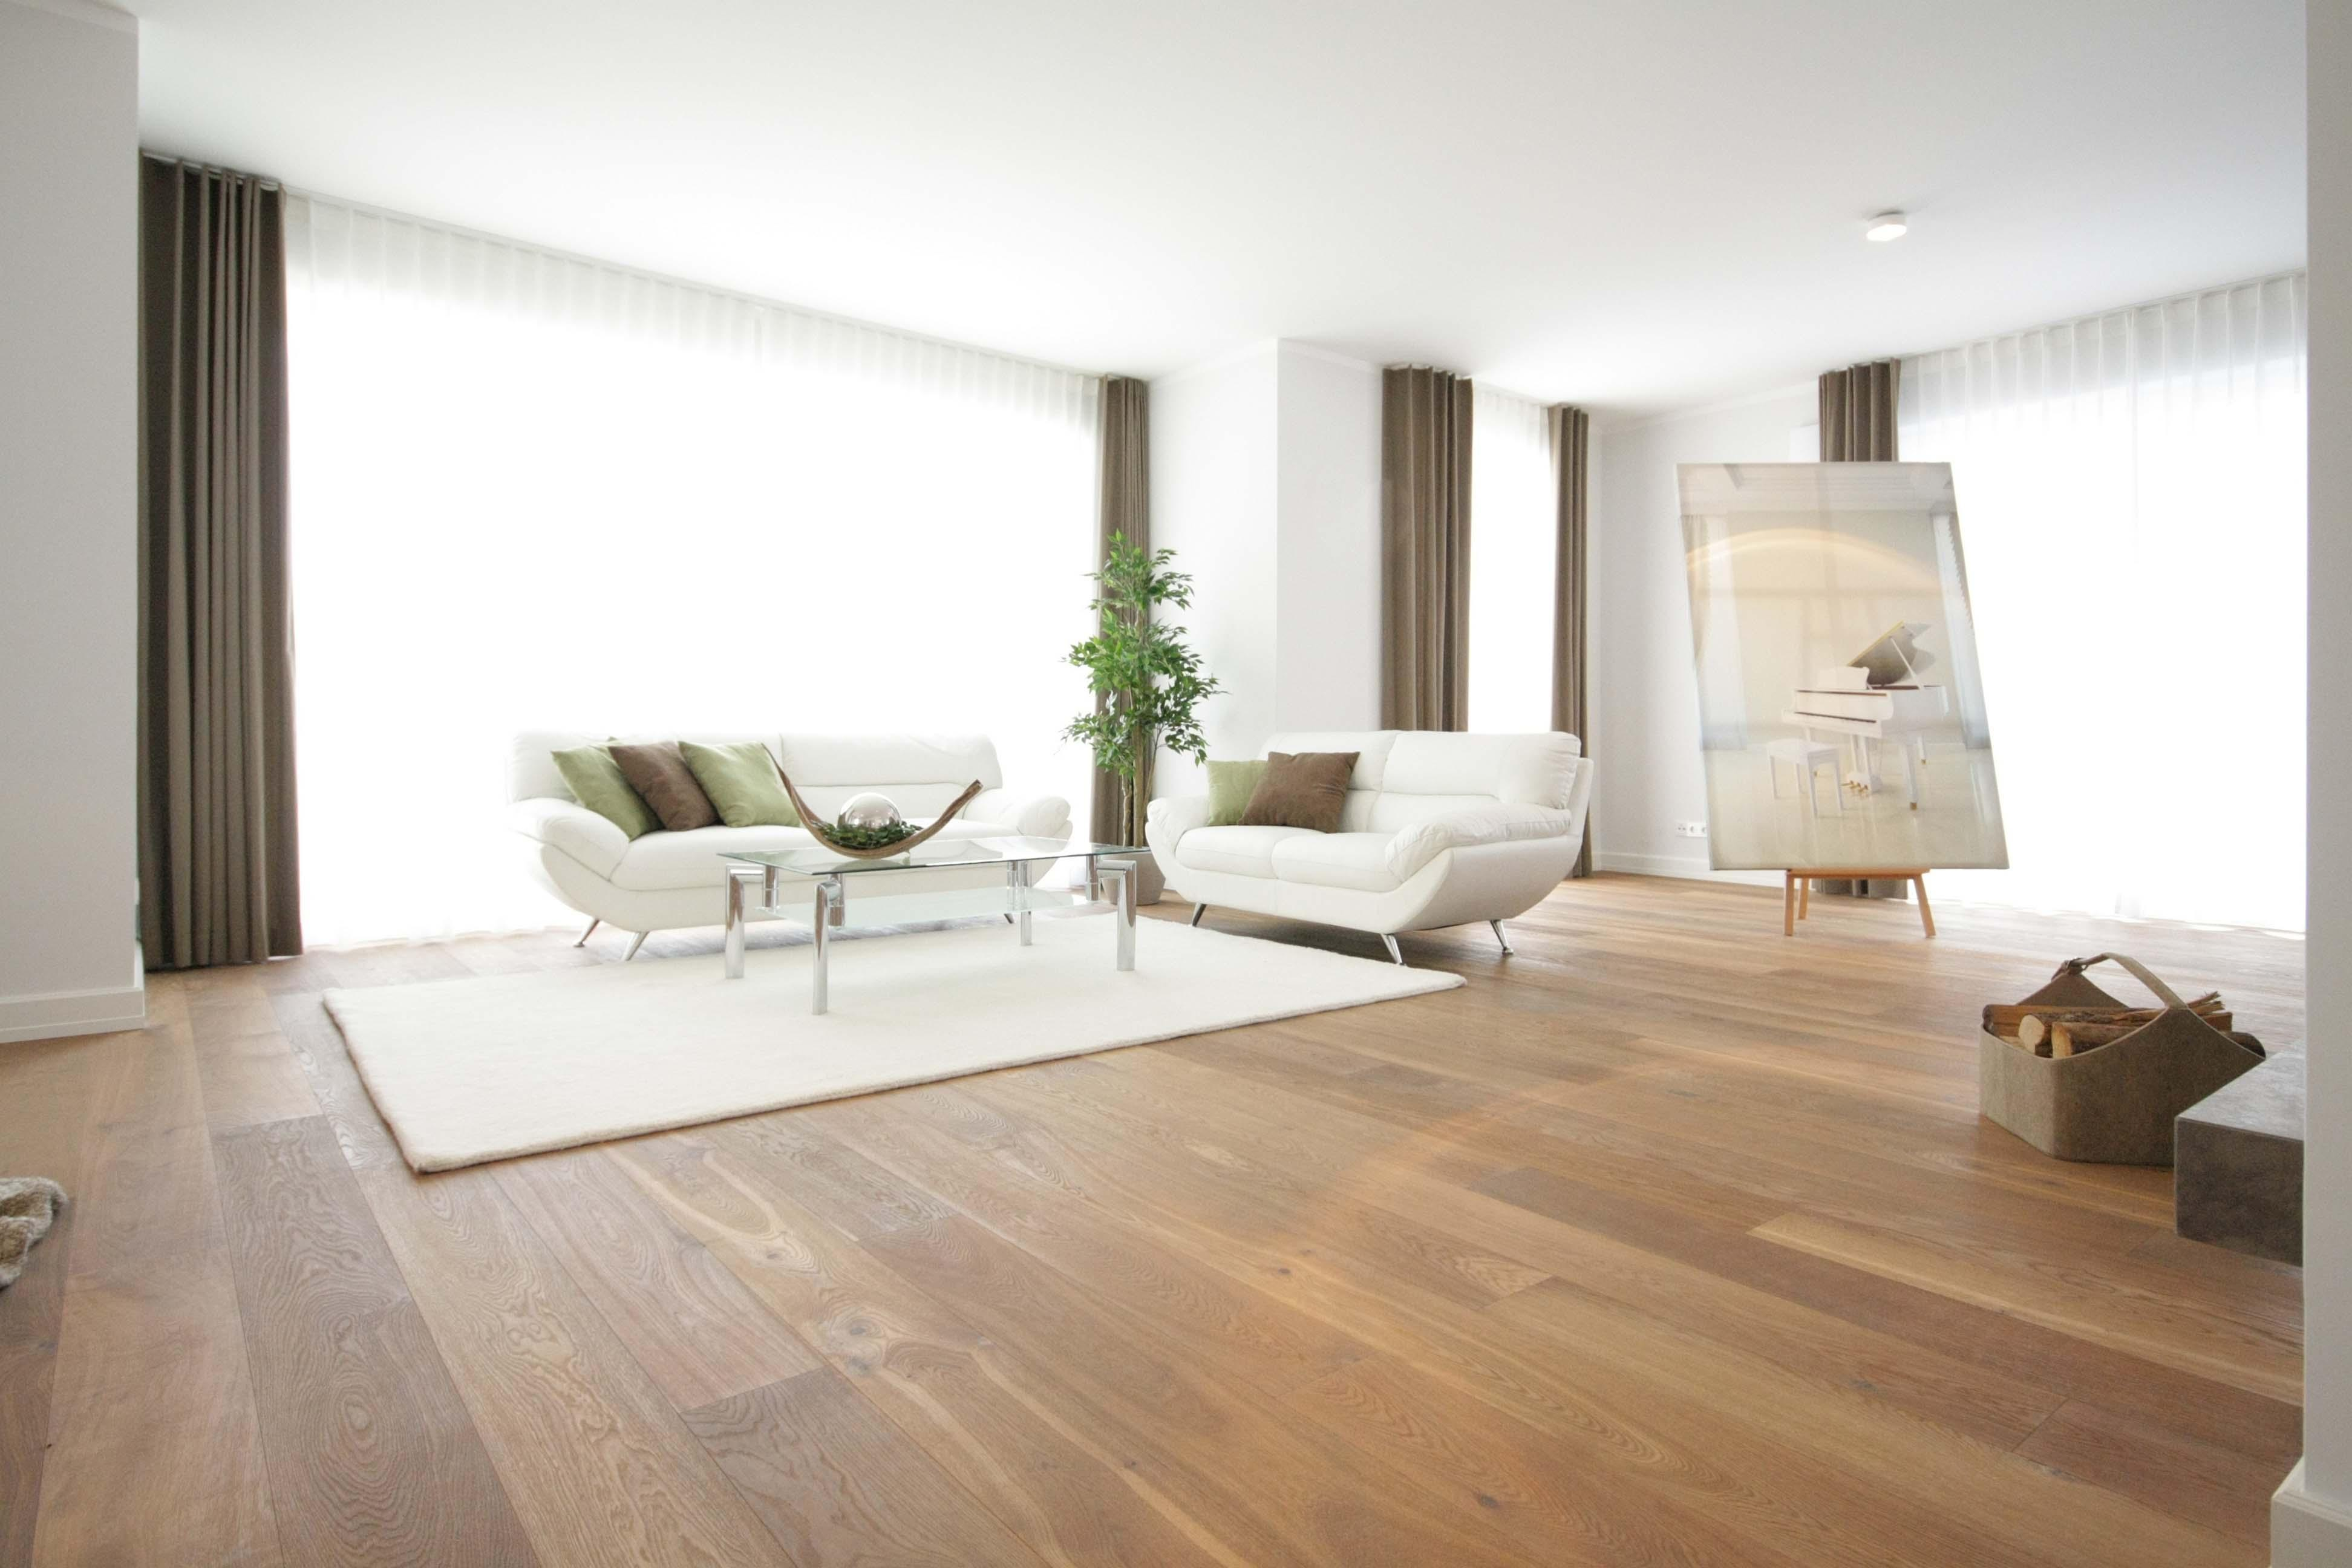 wohnzimmer couchtisch teppich wohnzimmer kissen couchstyle 85 wohnzimmer kissen bilder